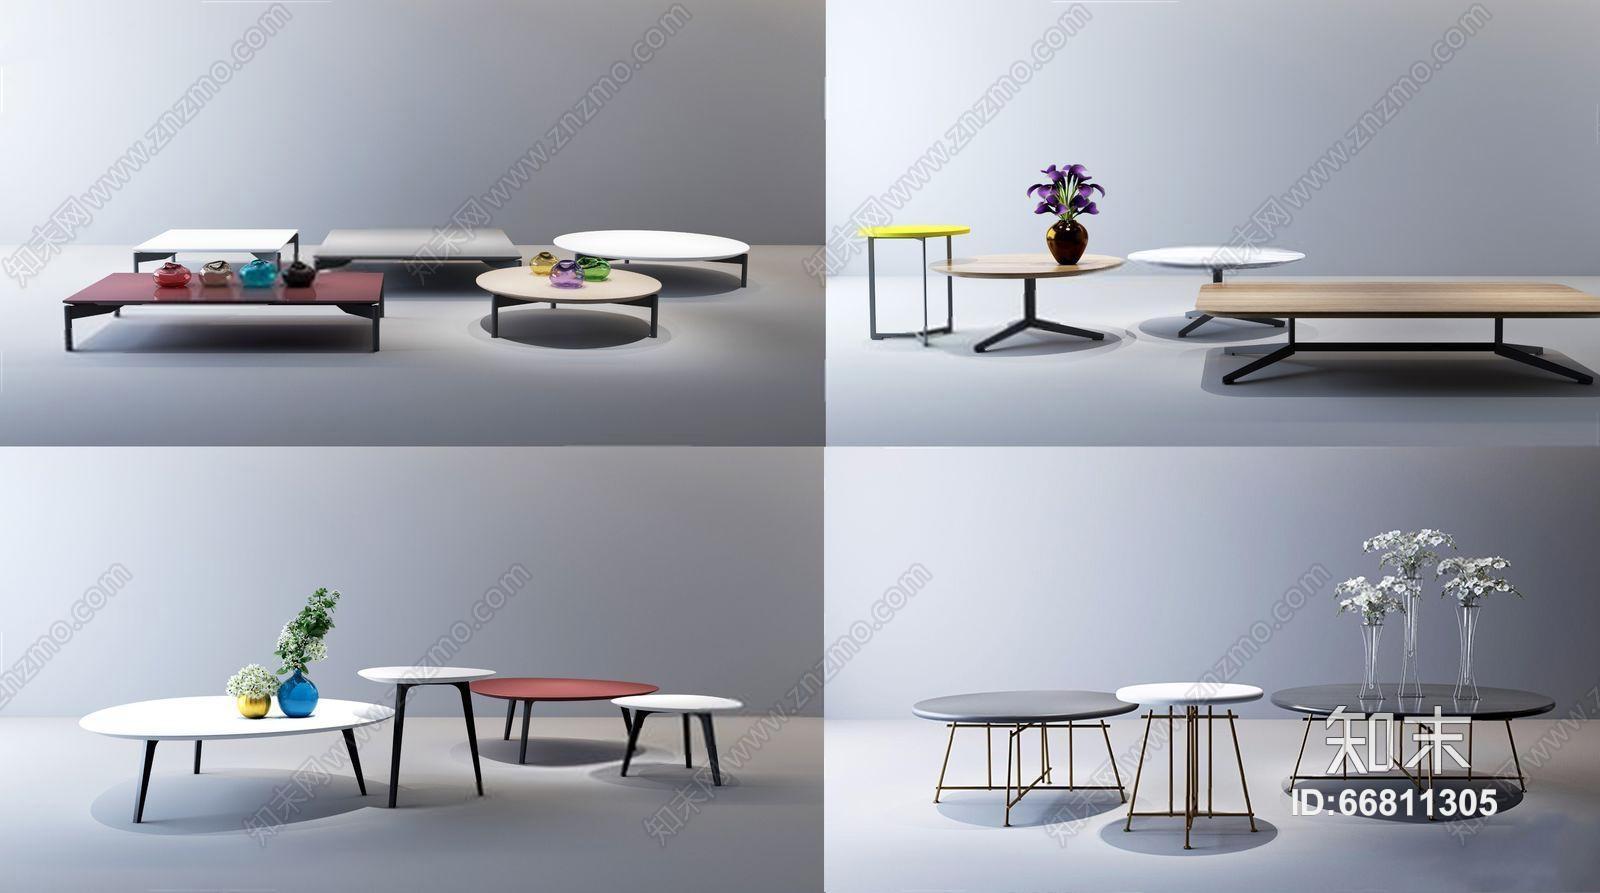 意大利 NATUZZI 现代茶几组合 现代茶几 边几 桌几 花艺 兰花 玻璃器皿 意大利 NATUZZL